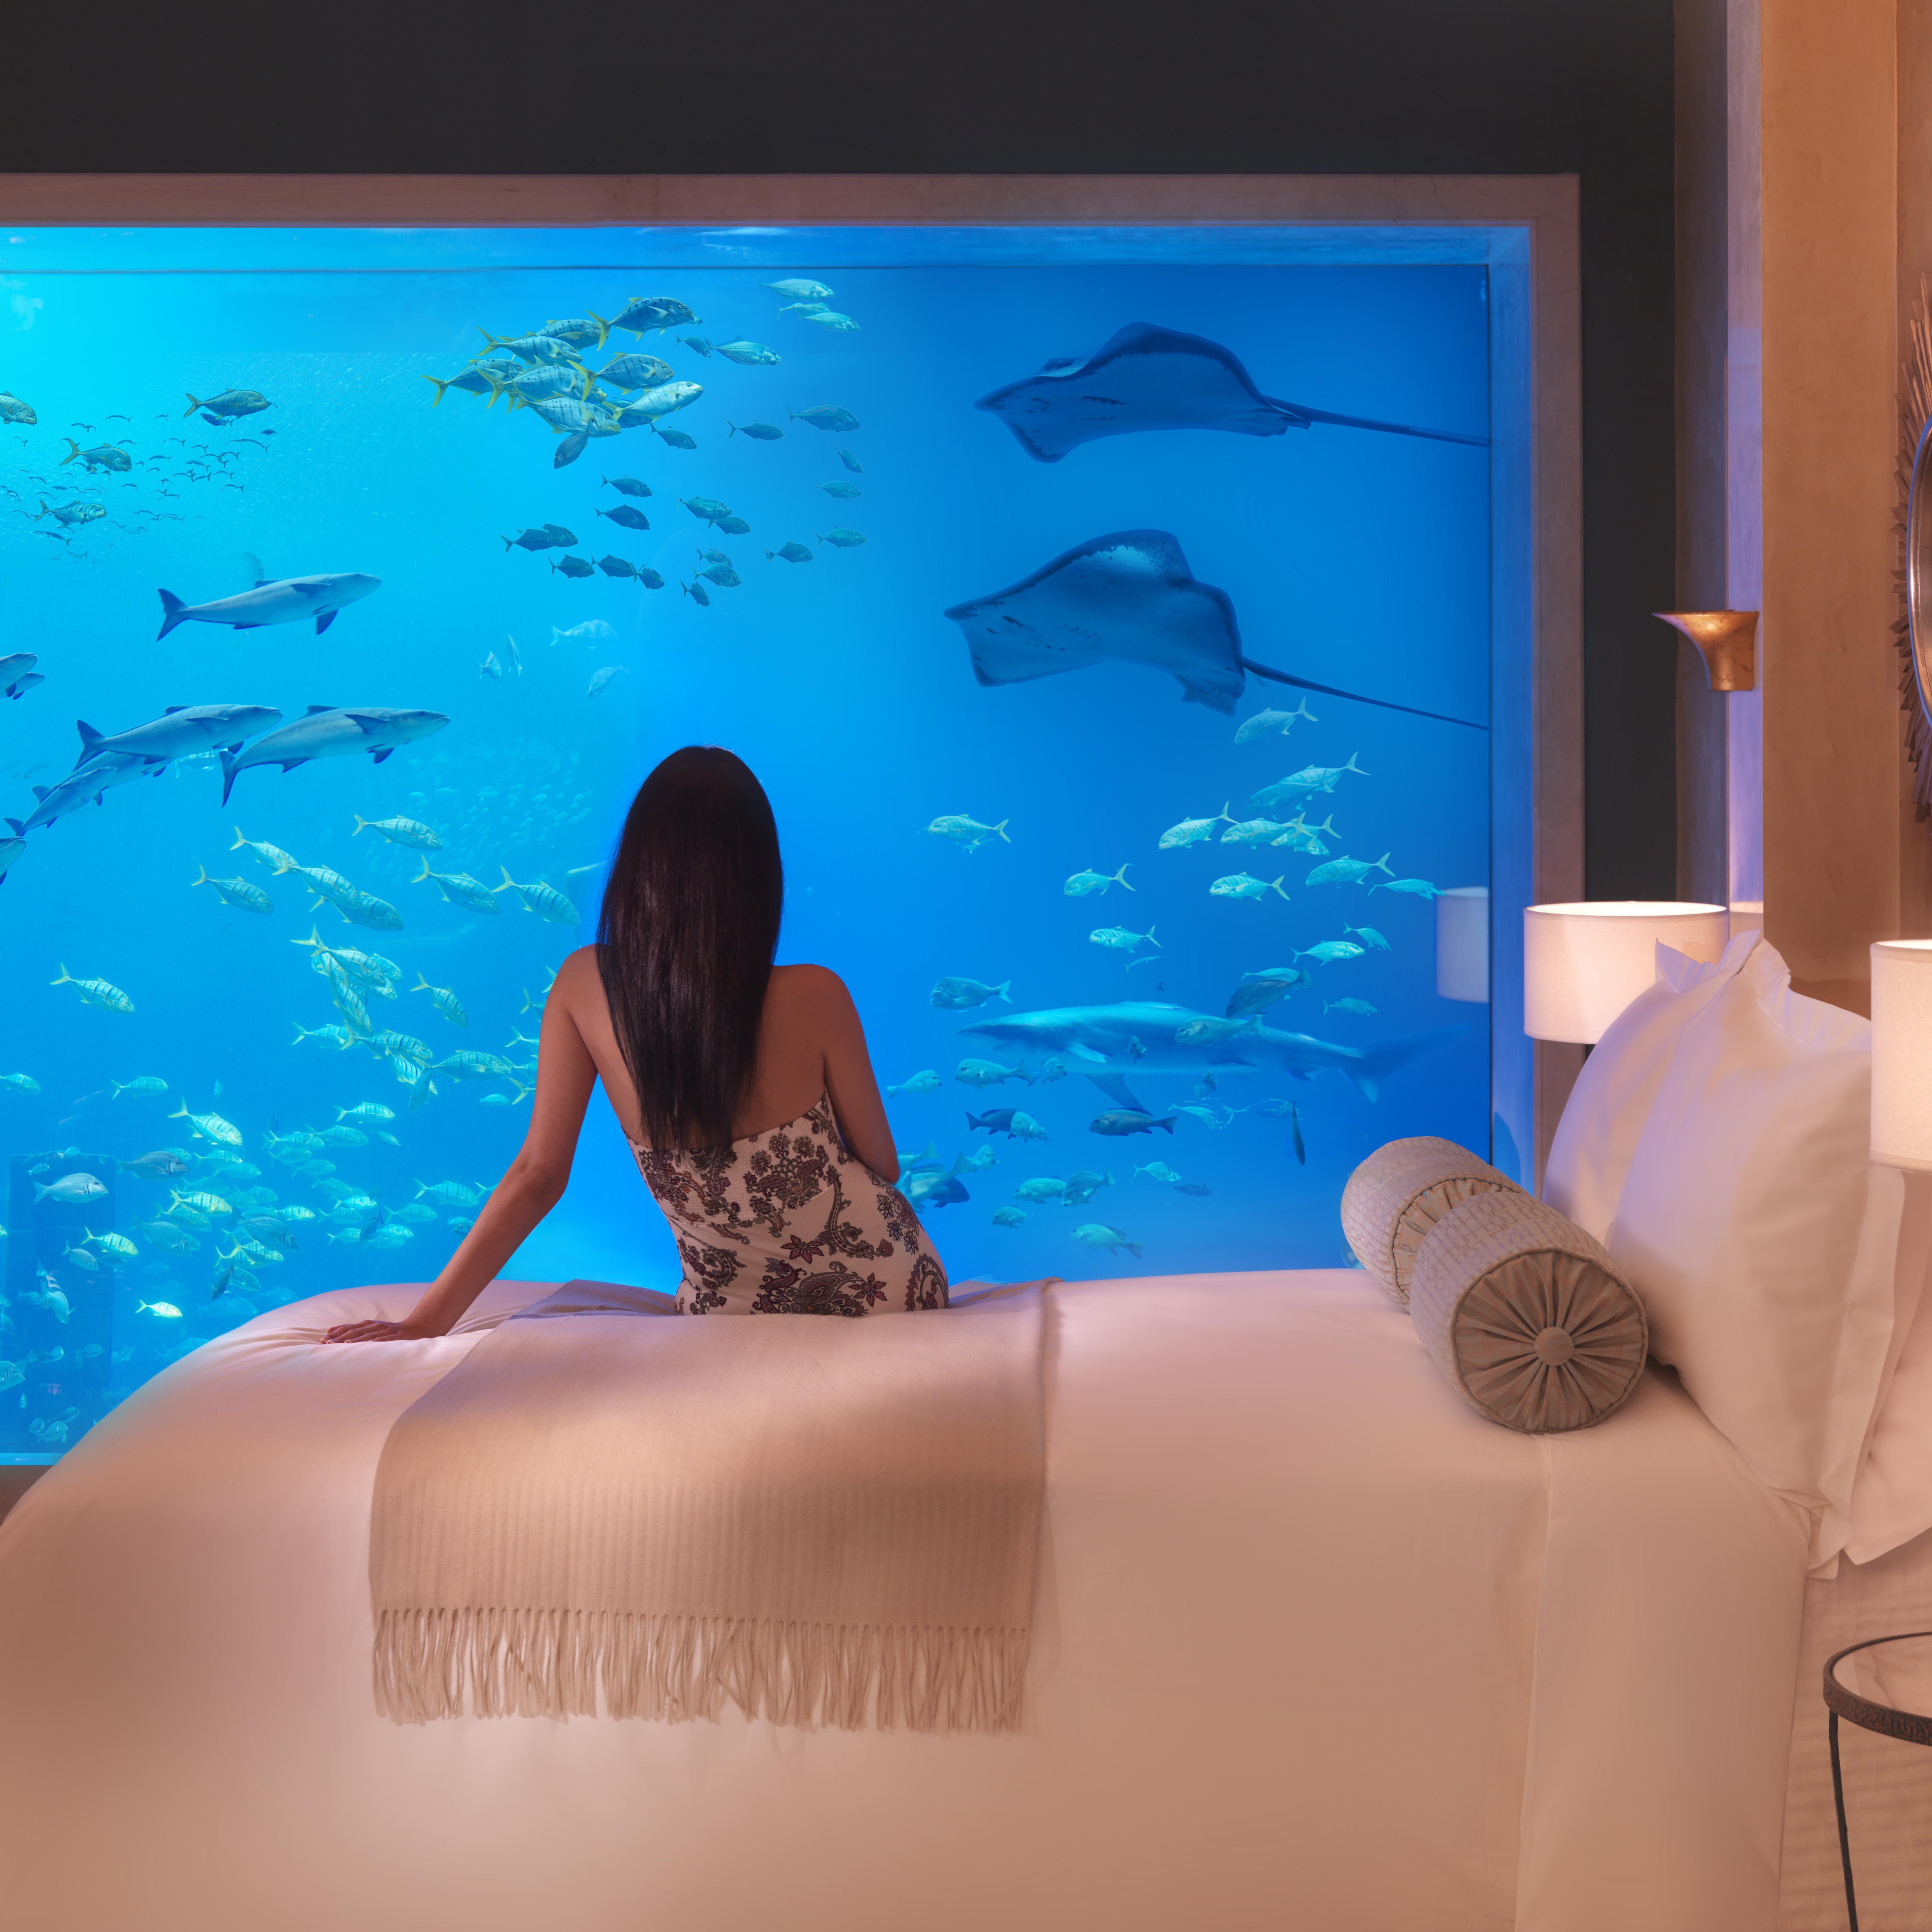 10 Underwater Hotels Resorts For An Unforgettable Honeymoon